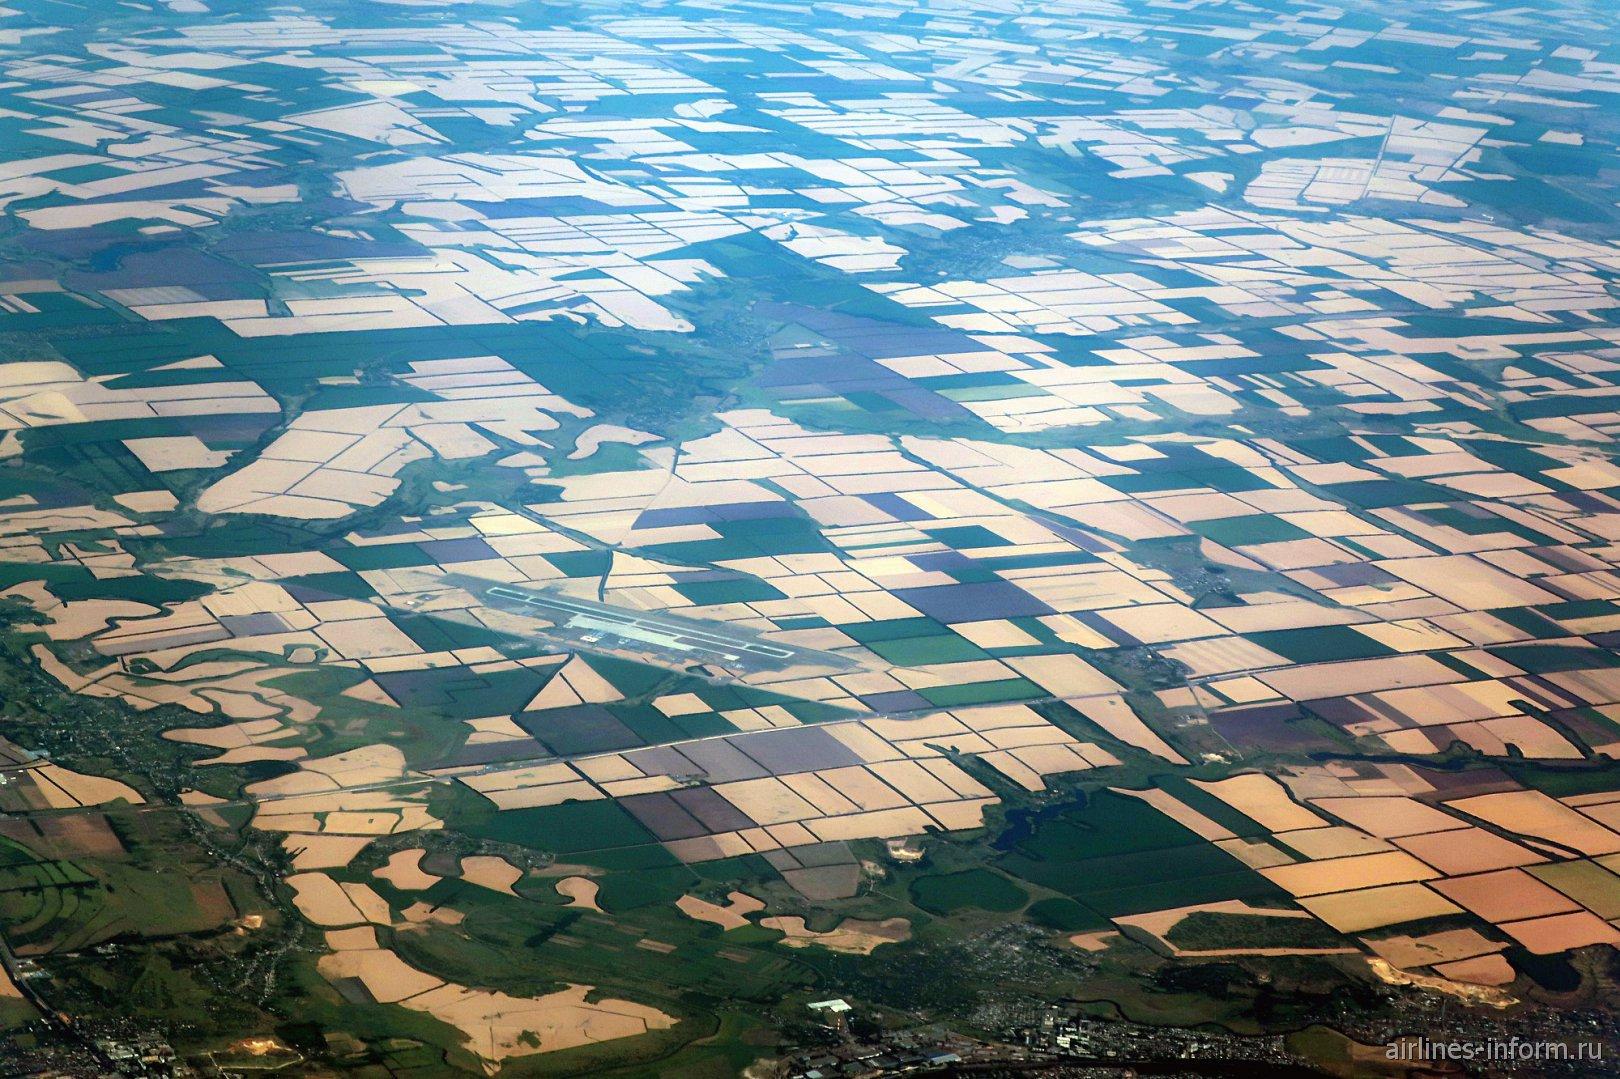 Вид из иллюминатора самолета на аэропорта Платов города Ростов-на-Дону